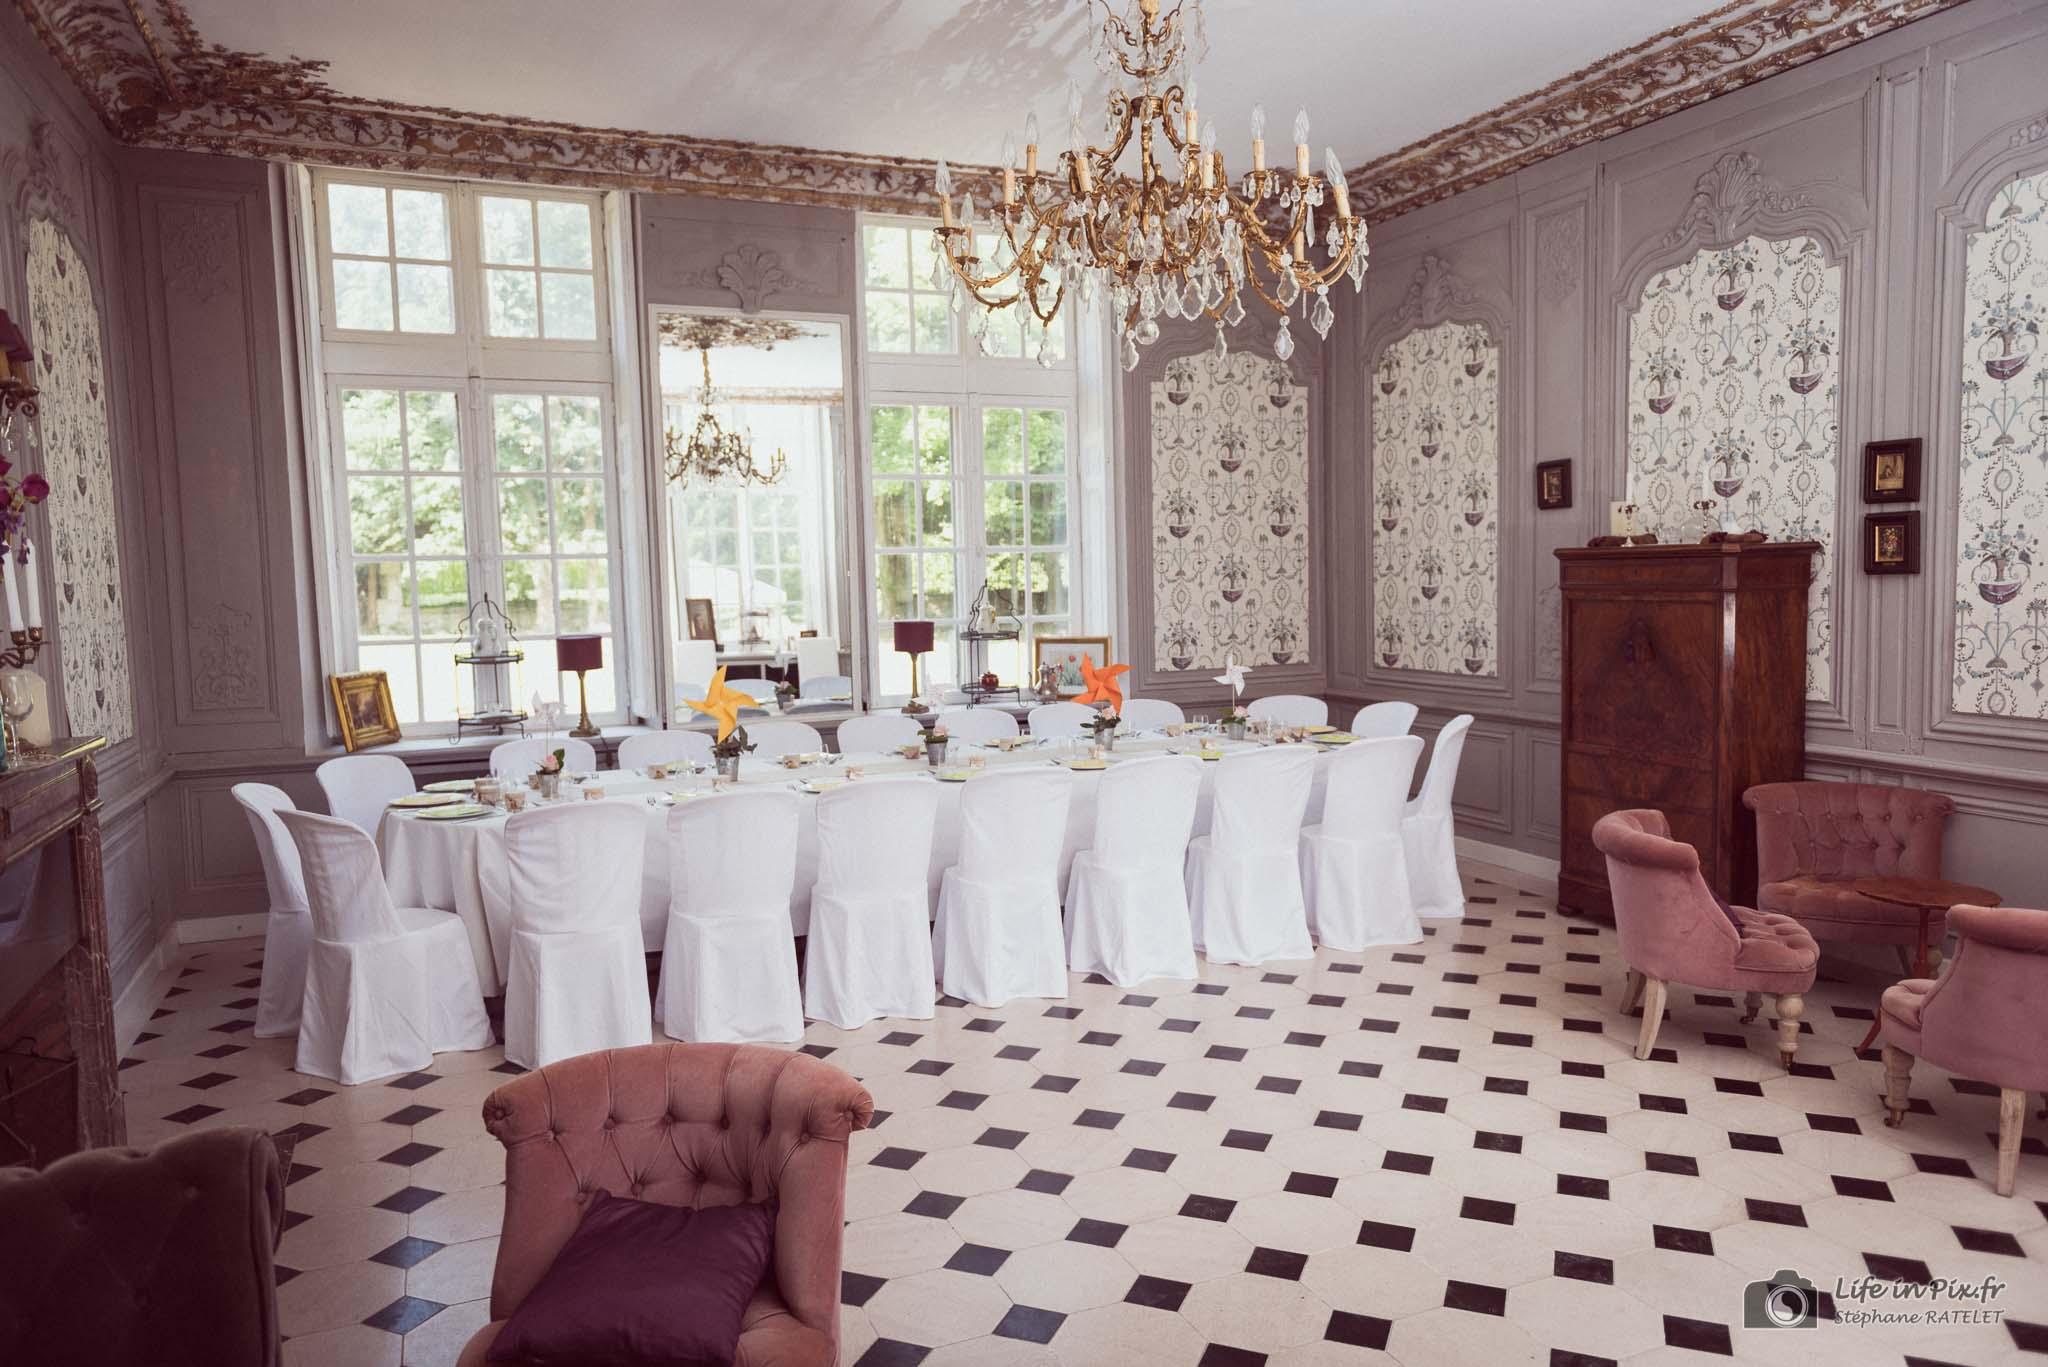 table des enfants - château d'auvillers - mariages 2017 - wedding planner compiègne